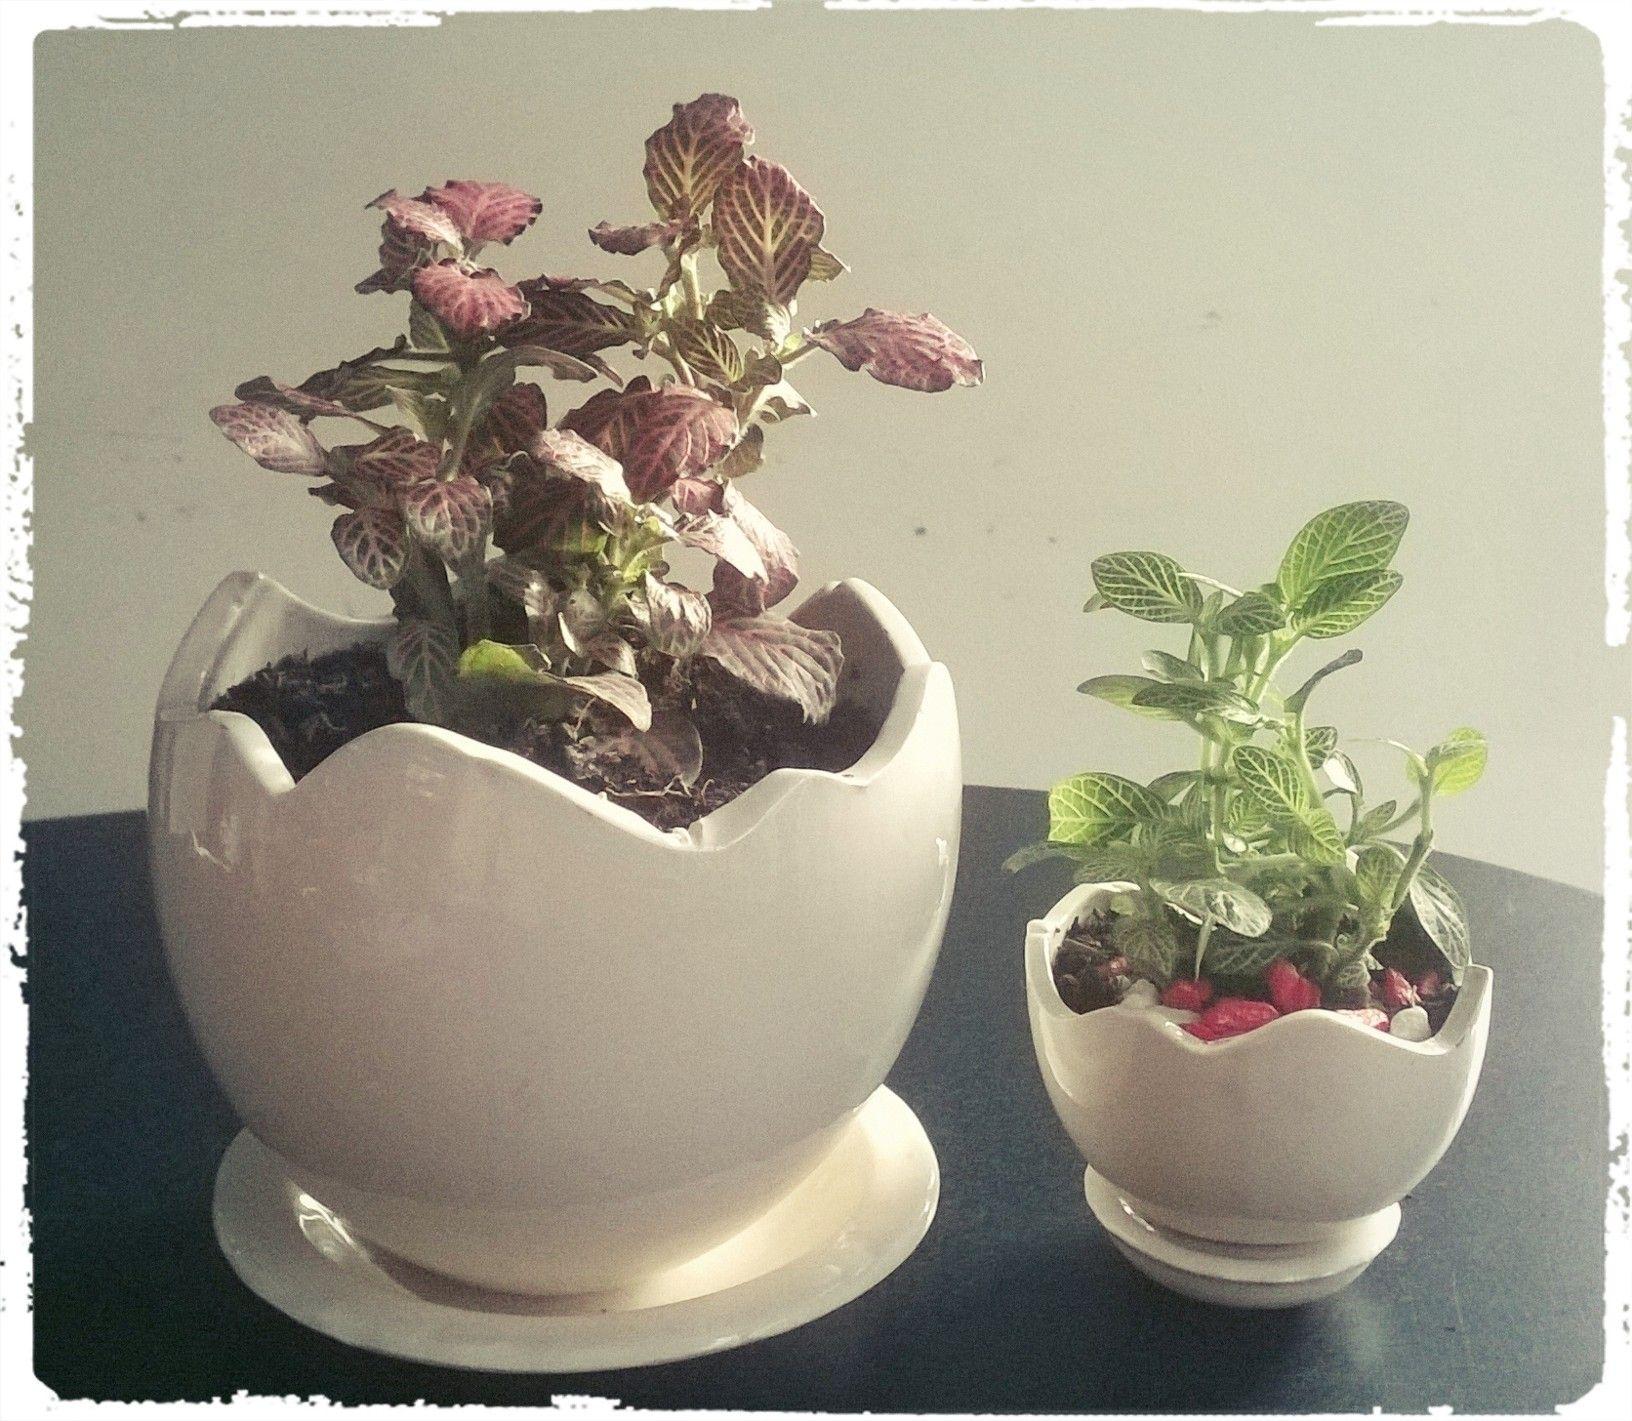 Plantas decorativas .REF Huevito. GRANDE $ 24.900---PEQUEÑO $ 15.900 ...